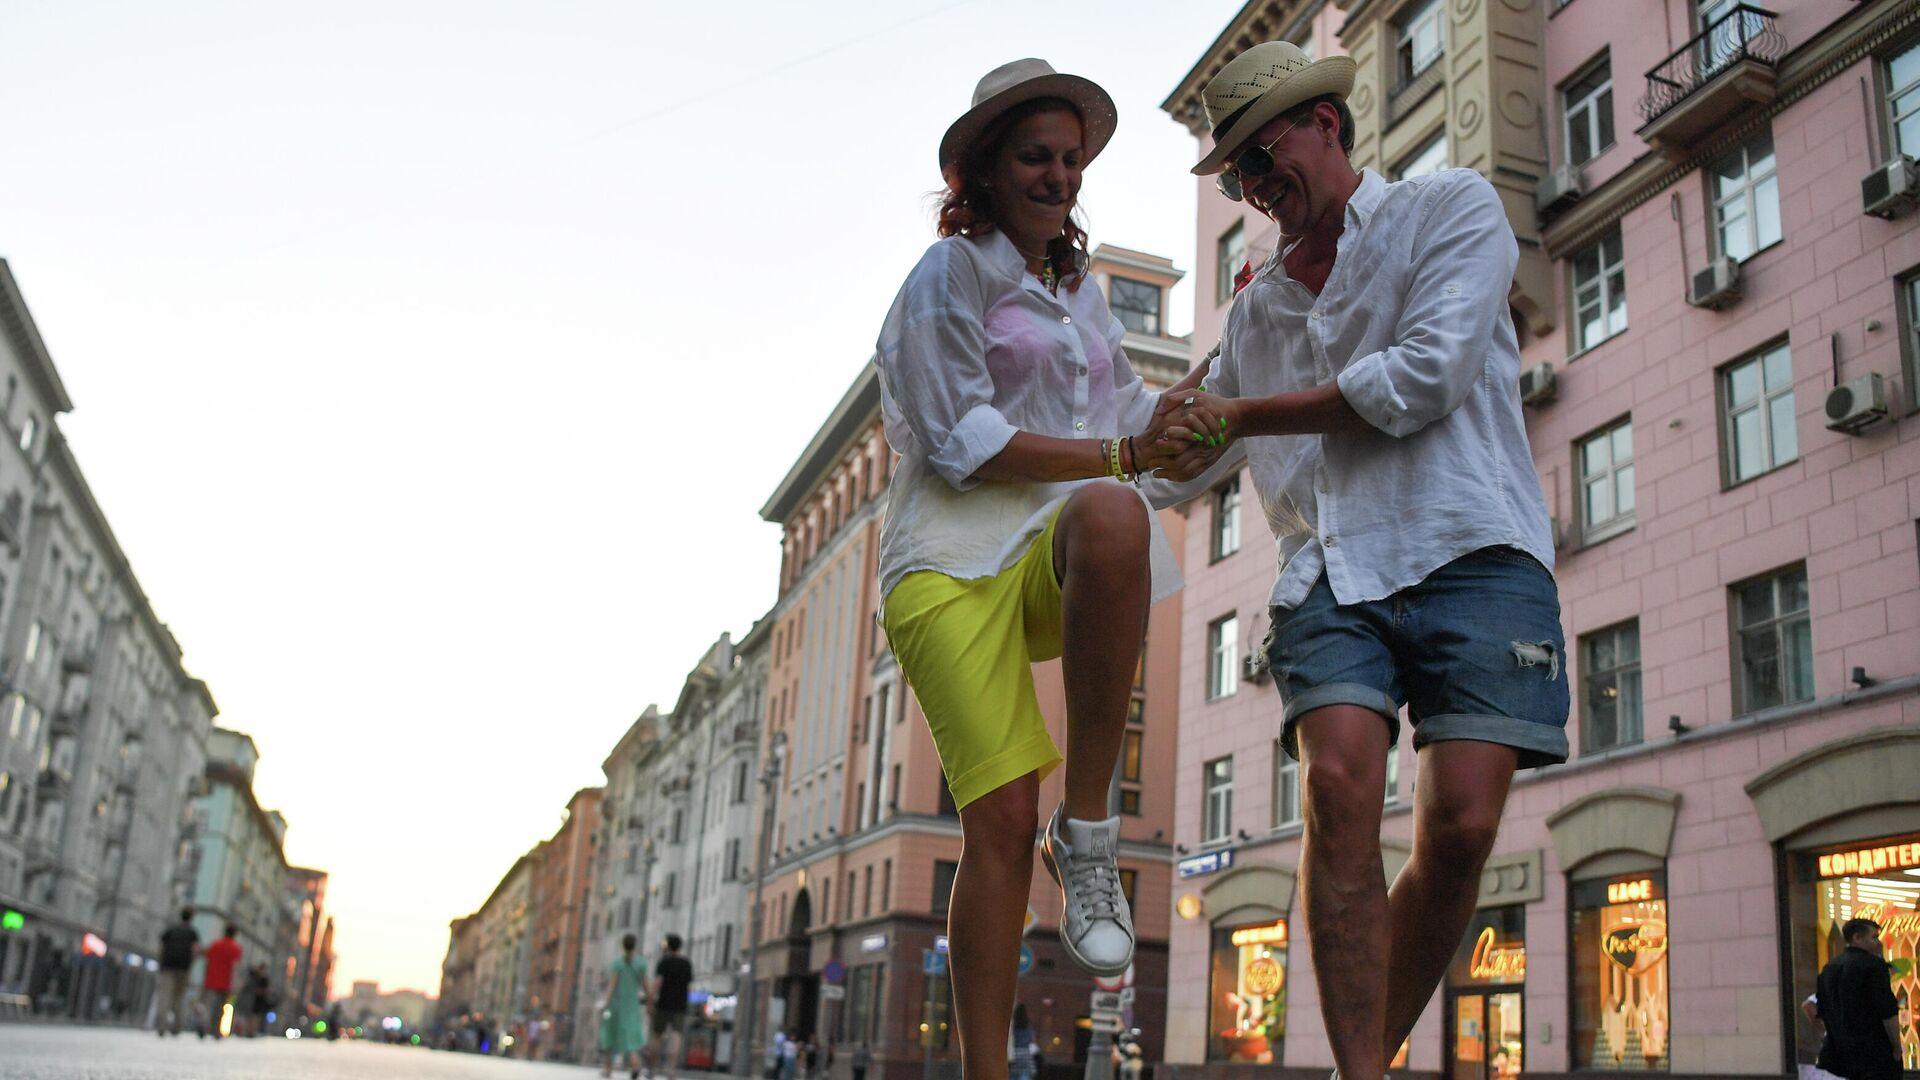 Пара танцует в центре Москвы - РИА Новости, 1920, 01.07.2021